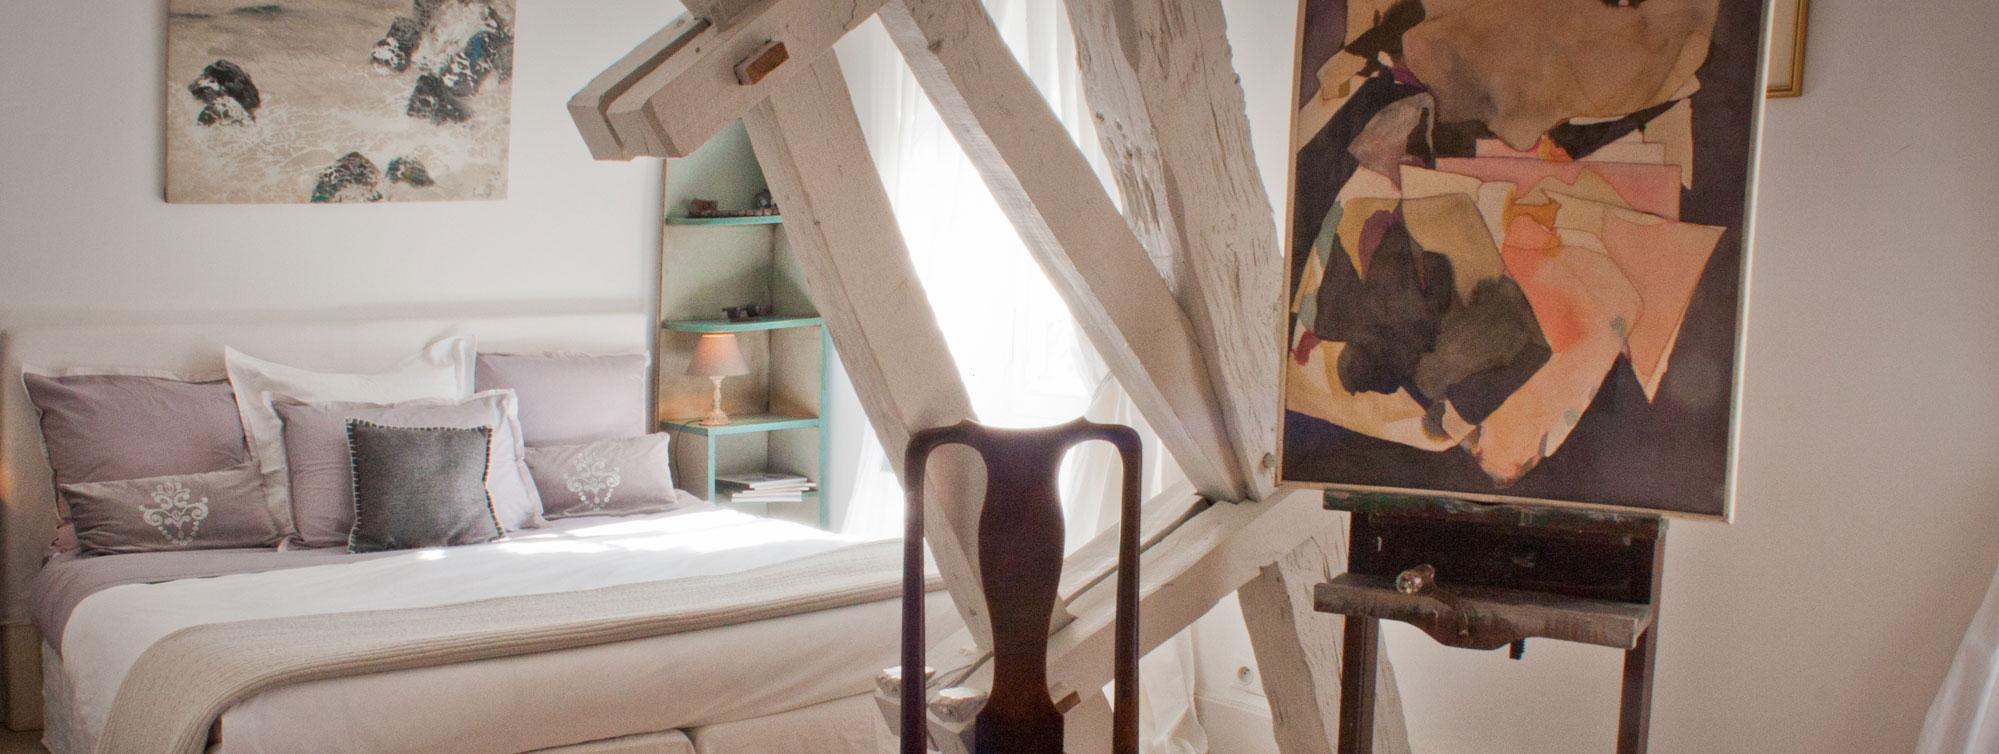 Atelier d'Artiste - Chambre d'hôte Chateau de Maumont ©S.Bast - Chateau de Maumont